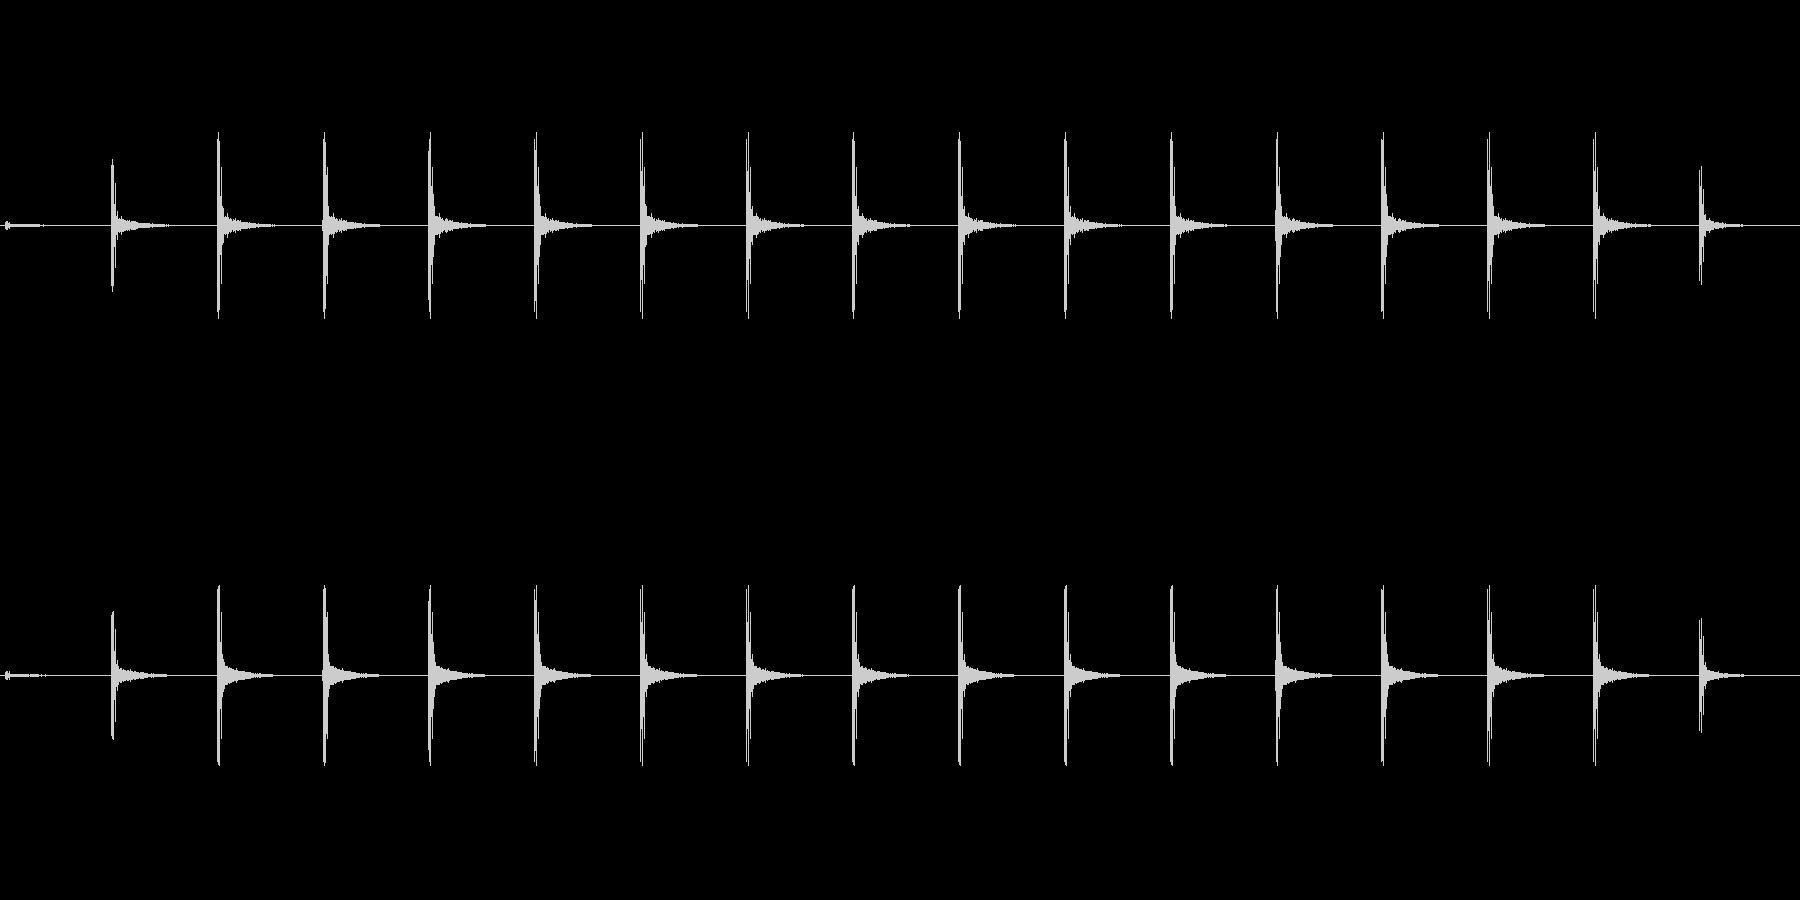 時計 ticktock_47-3_revの未再生の波形